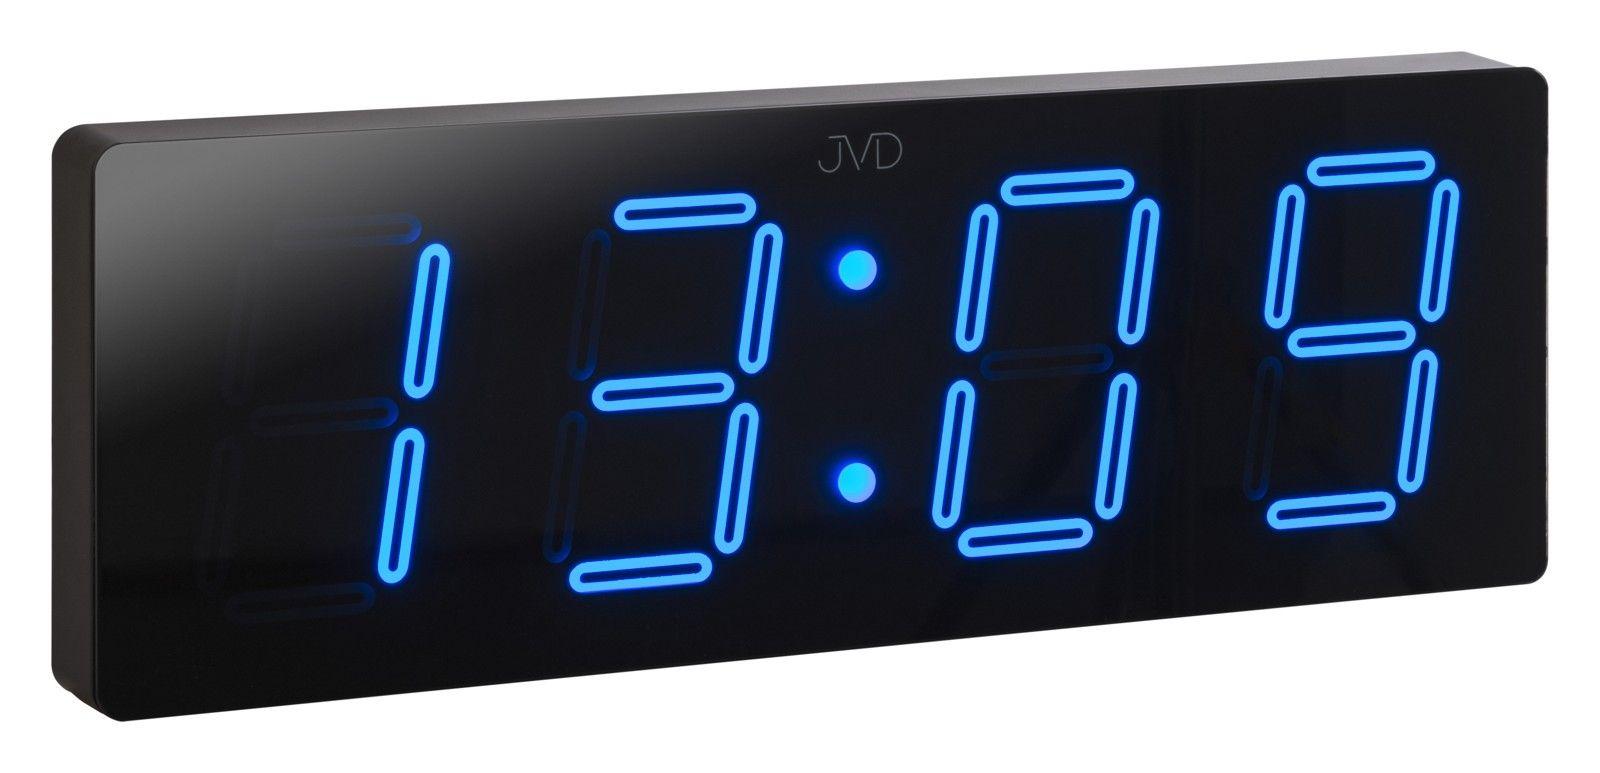 Velké svítící digitální moderní hodiny JVD DH1.2 s modrými číslicemi